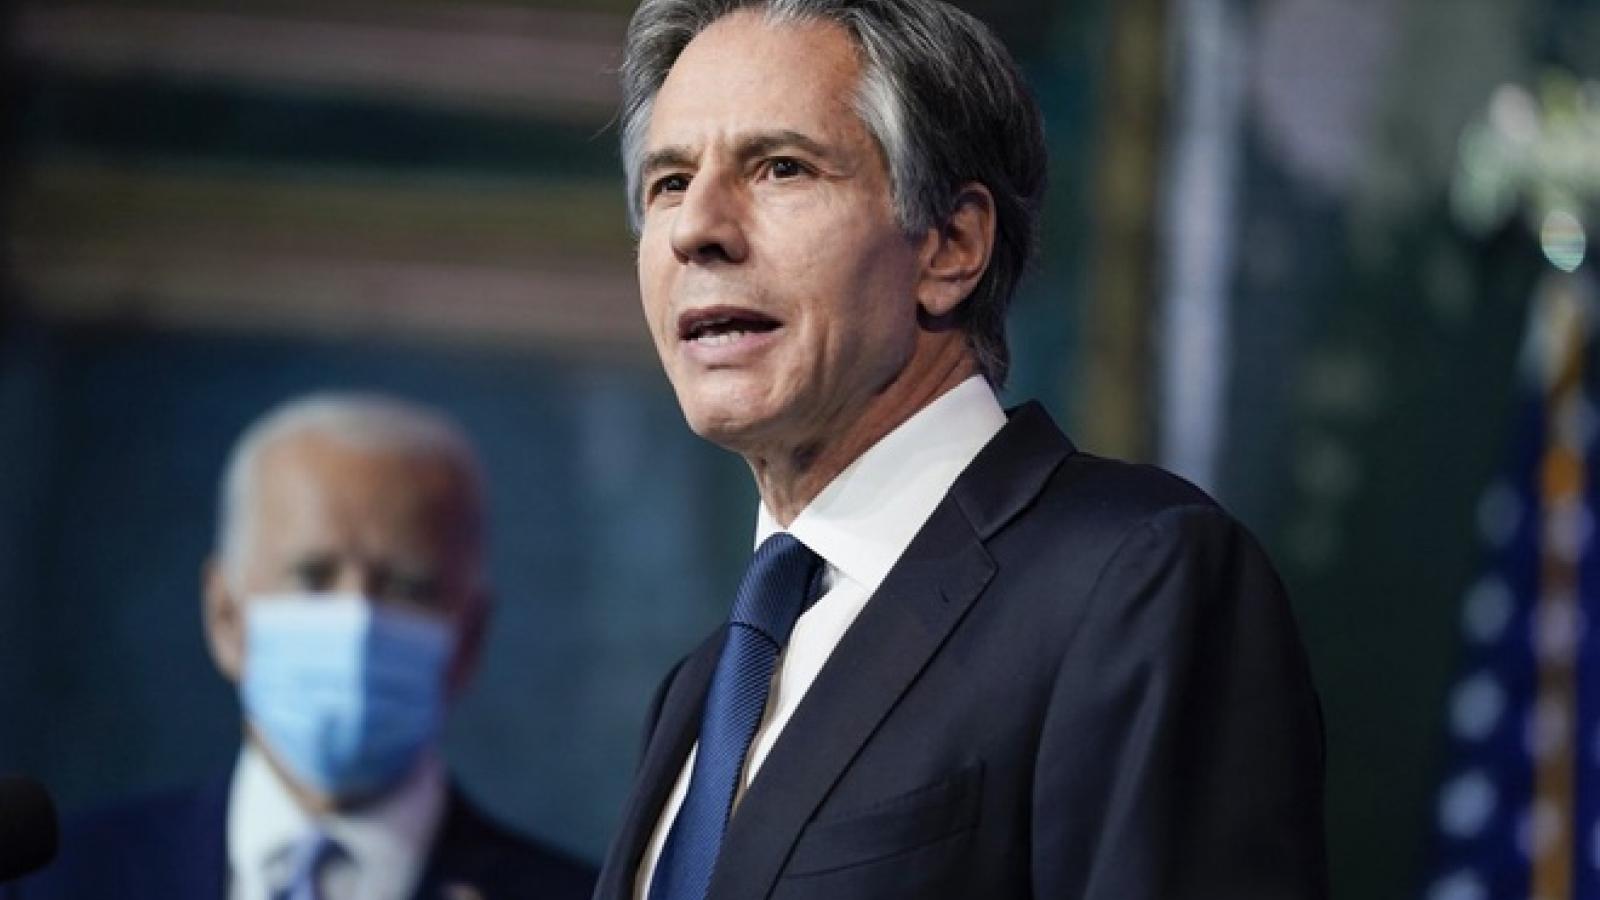 Ngoại trưởng Mỹ thăm Pháp với sứ mệnh hàn gắn